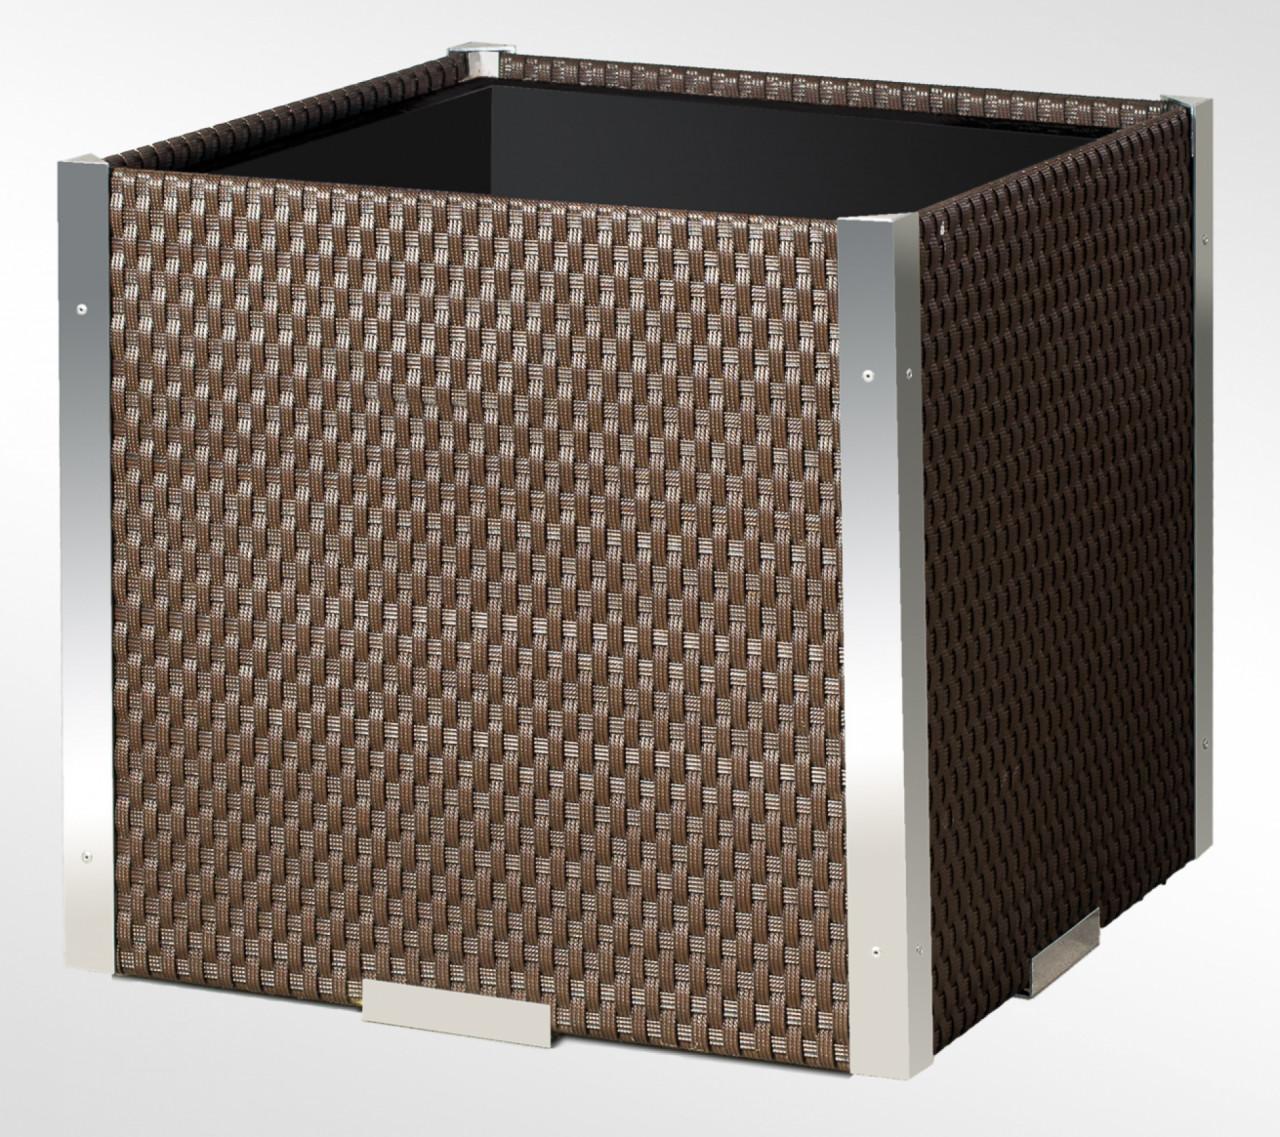 Donica Technorattanowa 460x460x460mm wyk.aluminium